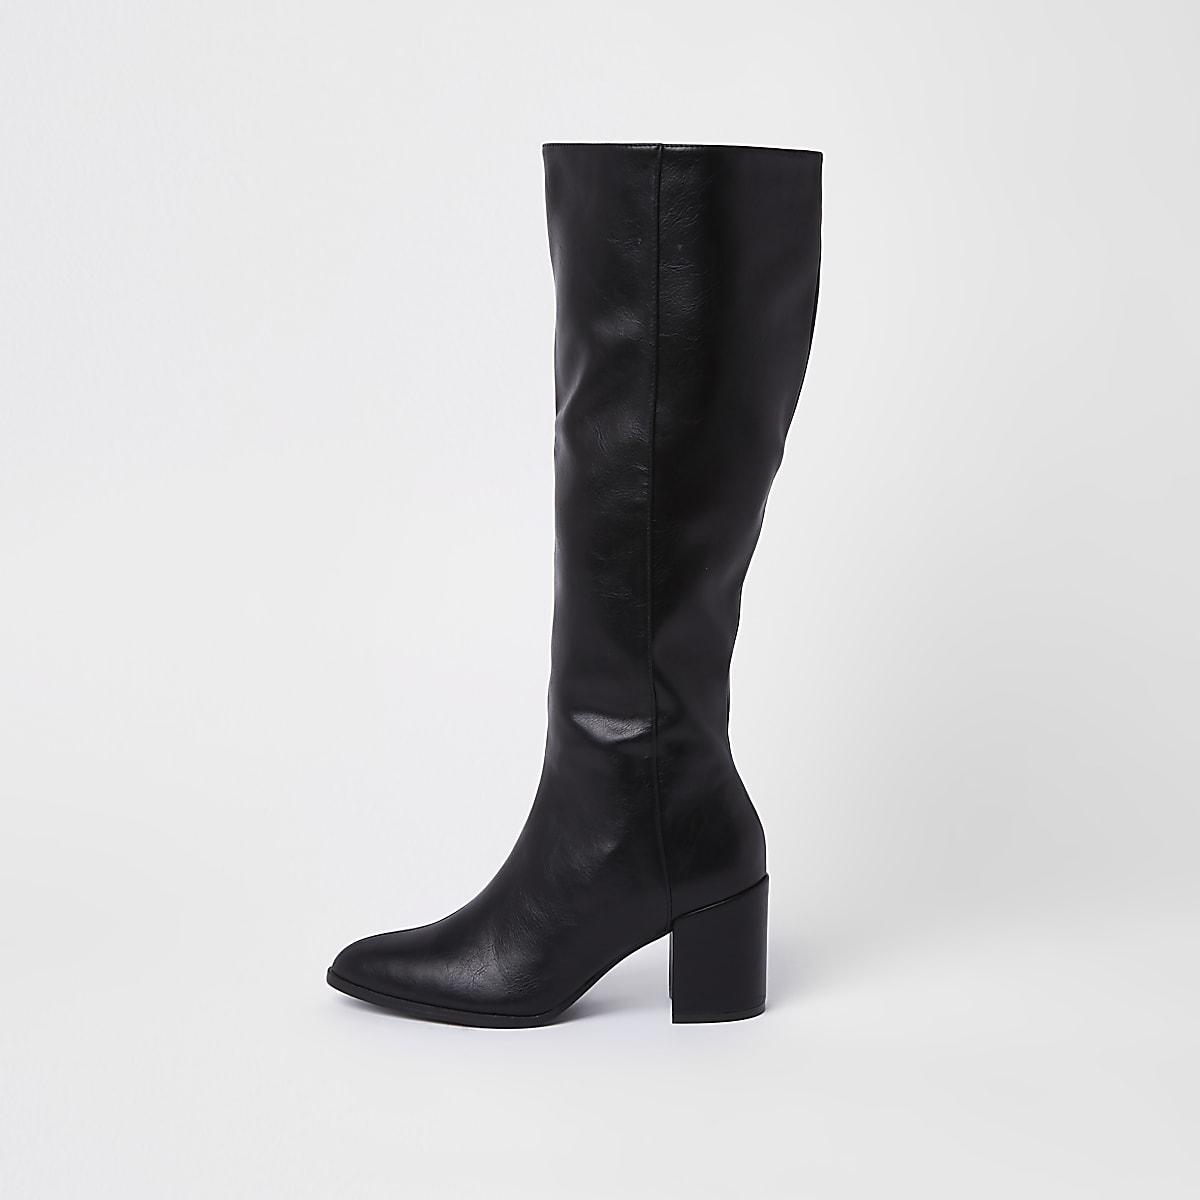 Schwarze, kniehohe Stiefel aus Lederimitat